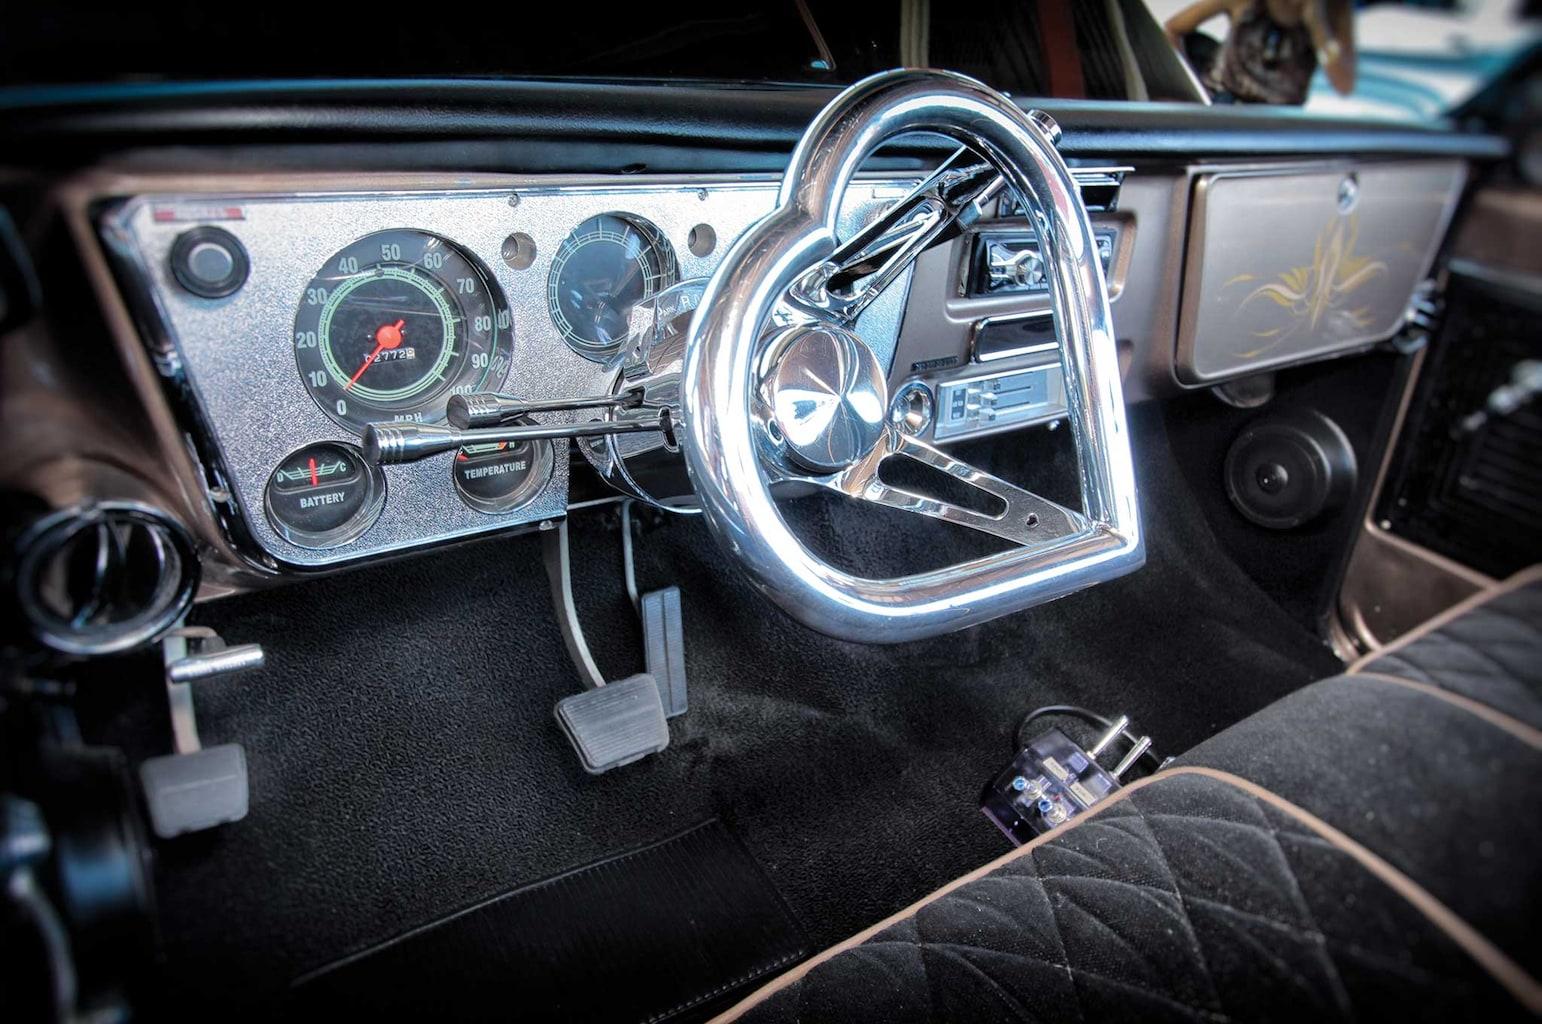 1971 chevrolet c10 custom heart shaped steering wheel 007